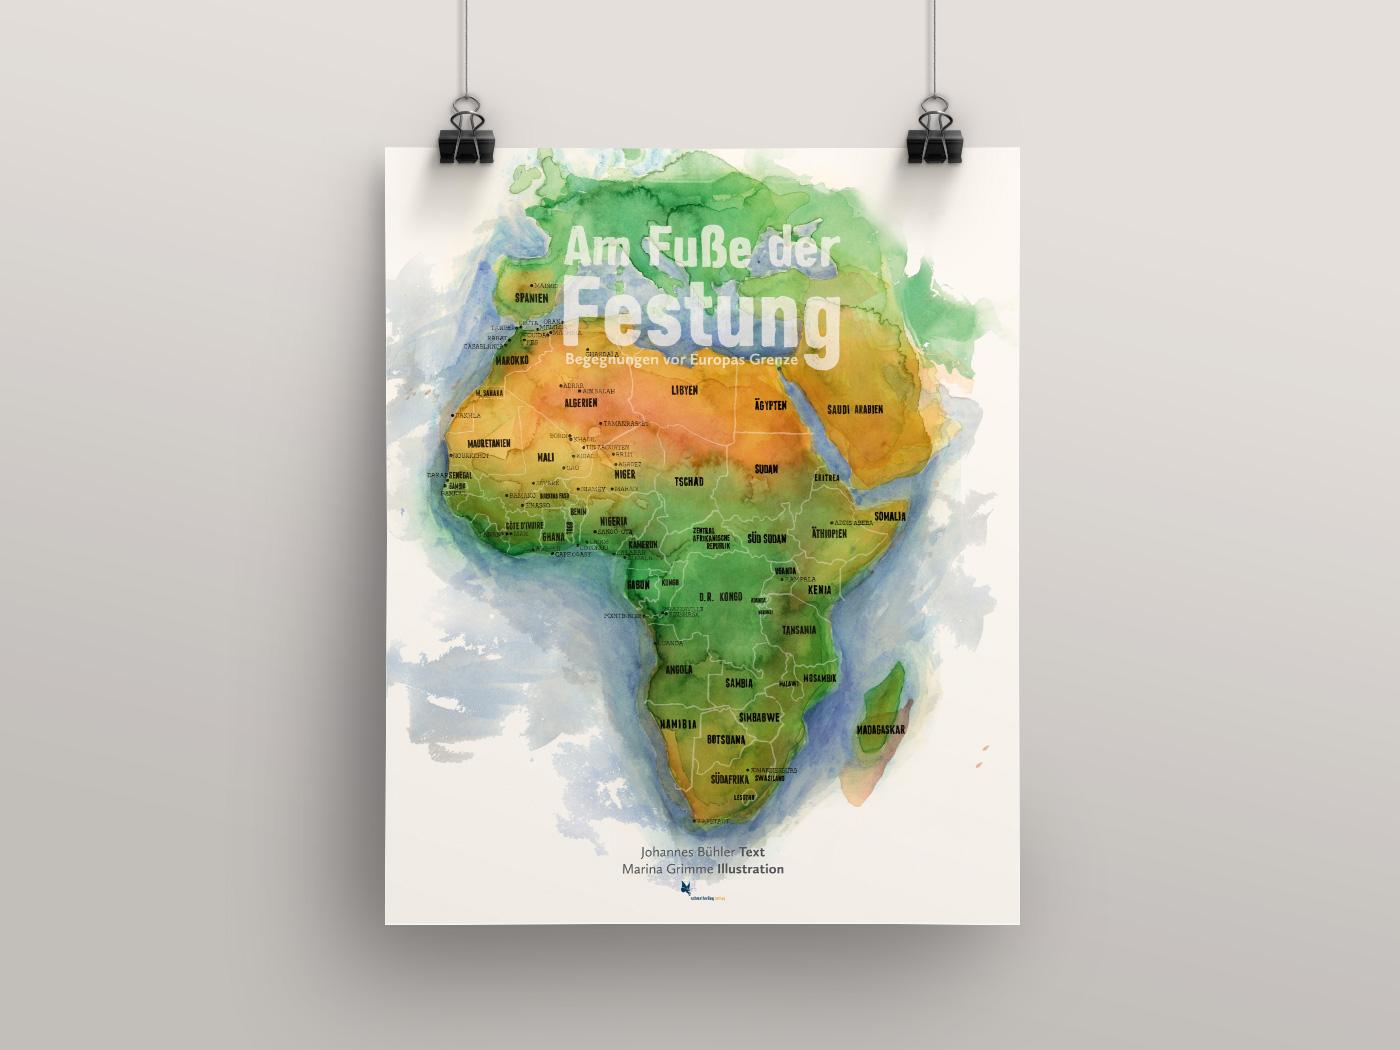 am-fusse-der-festung_poster_illustration_grafik_design_marina_grimme_augsburg